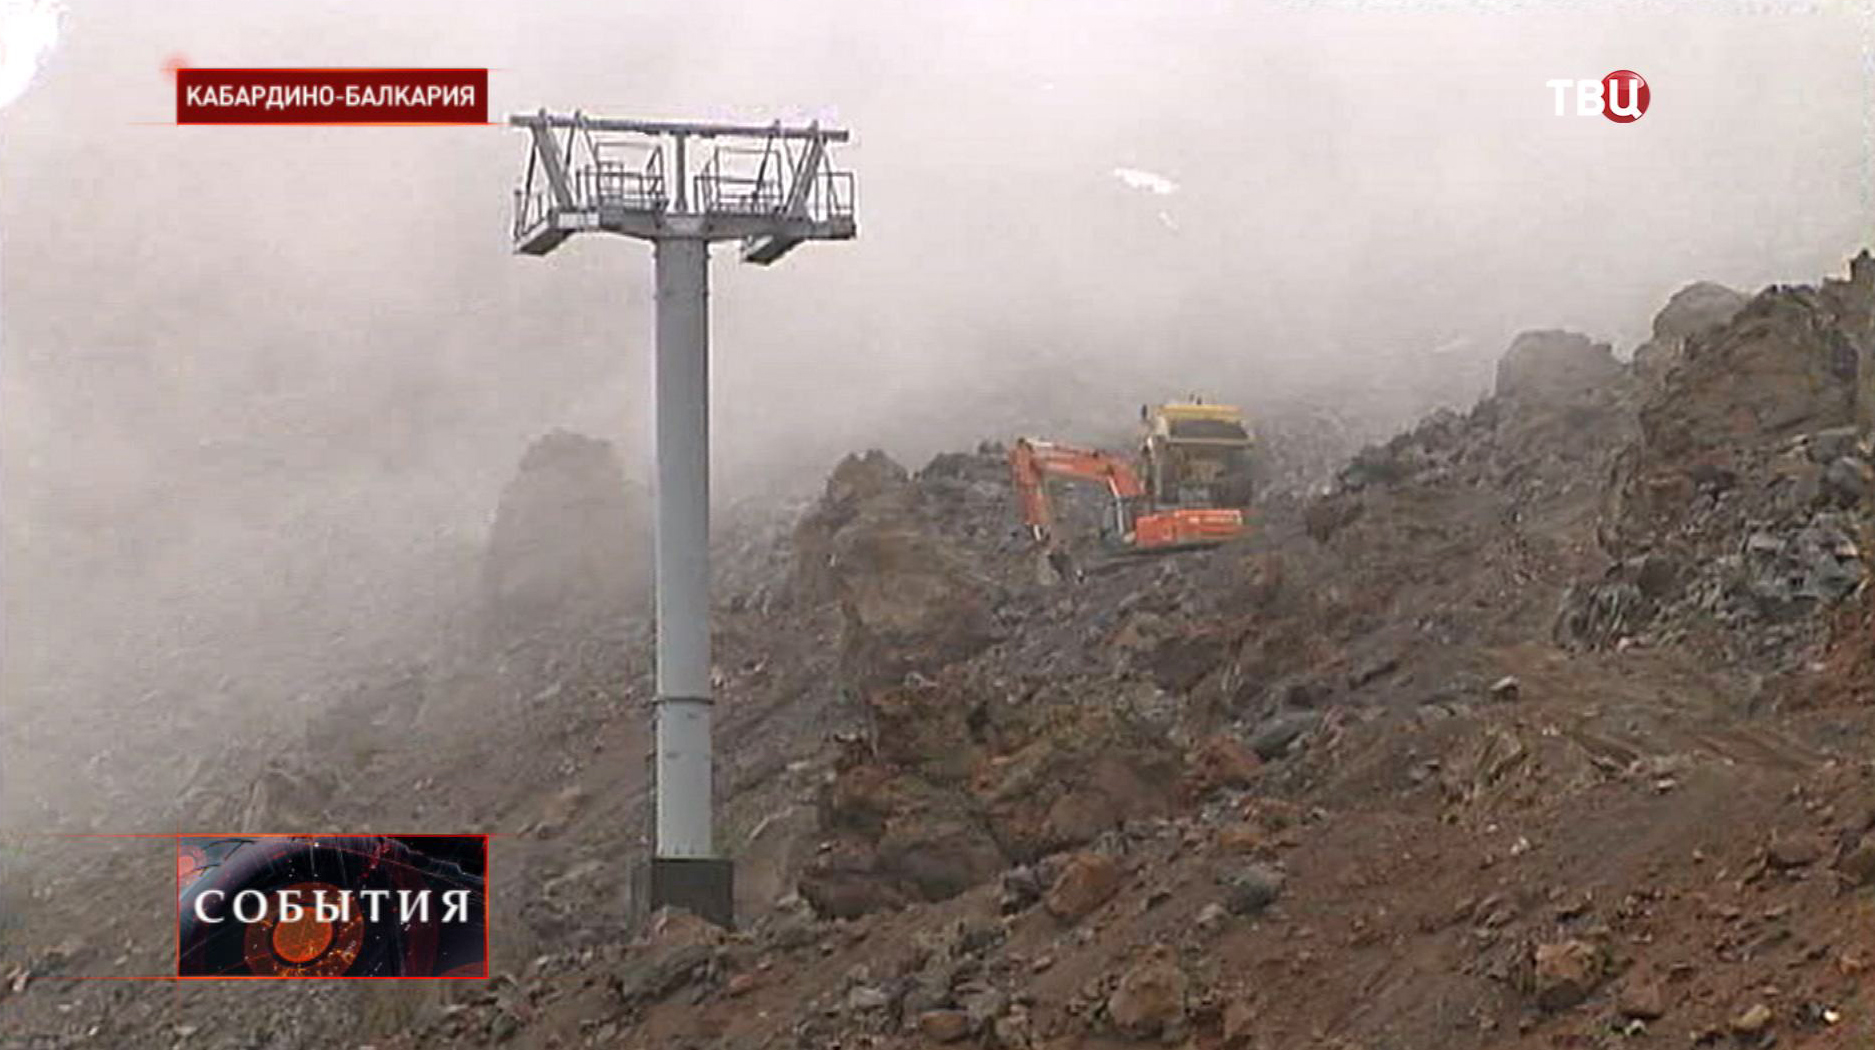 Строительство горнолыжной трассы в Кабардино-Балкарии